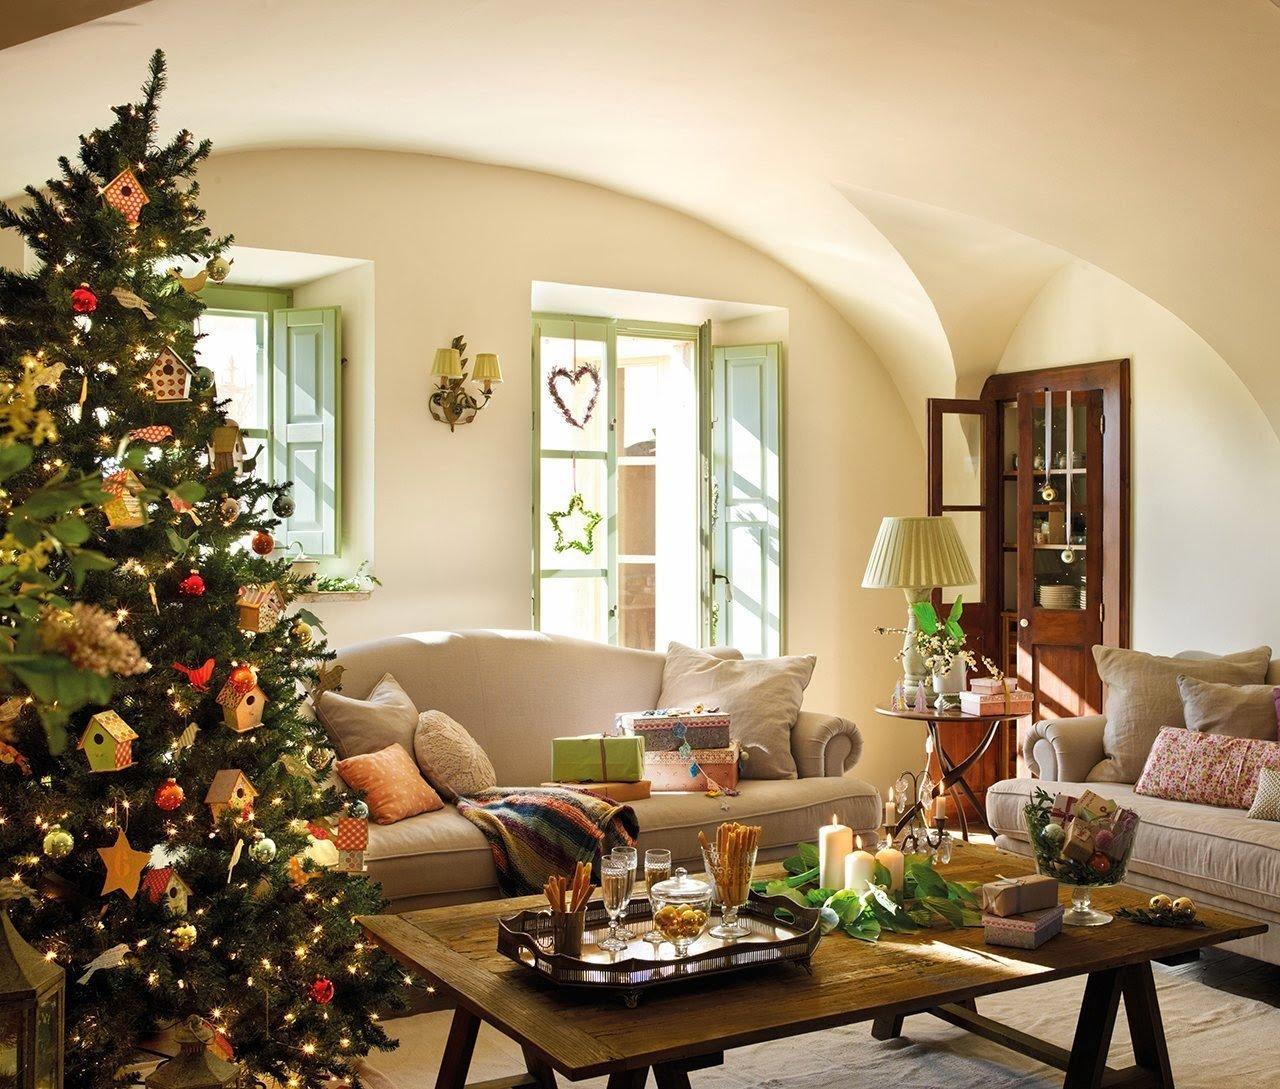 Říká se, že svátky na venkově jsou jiné, než ty ve městě. Přesvědčila se o tom i Ester, která se spolu se svou rodinou intenzivně připravuje na jejich první Vánoce v nově zrekonstruovaném domě. Přesněji, jde o venkovskou usedlost, která byla více než čtyřicet let opuštěna.